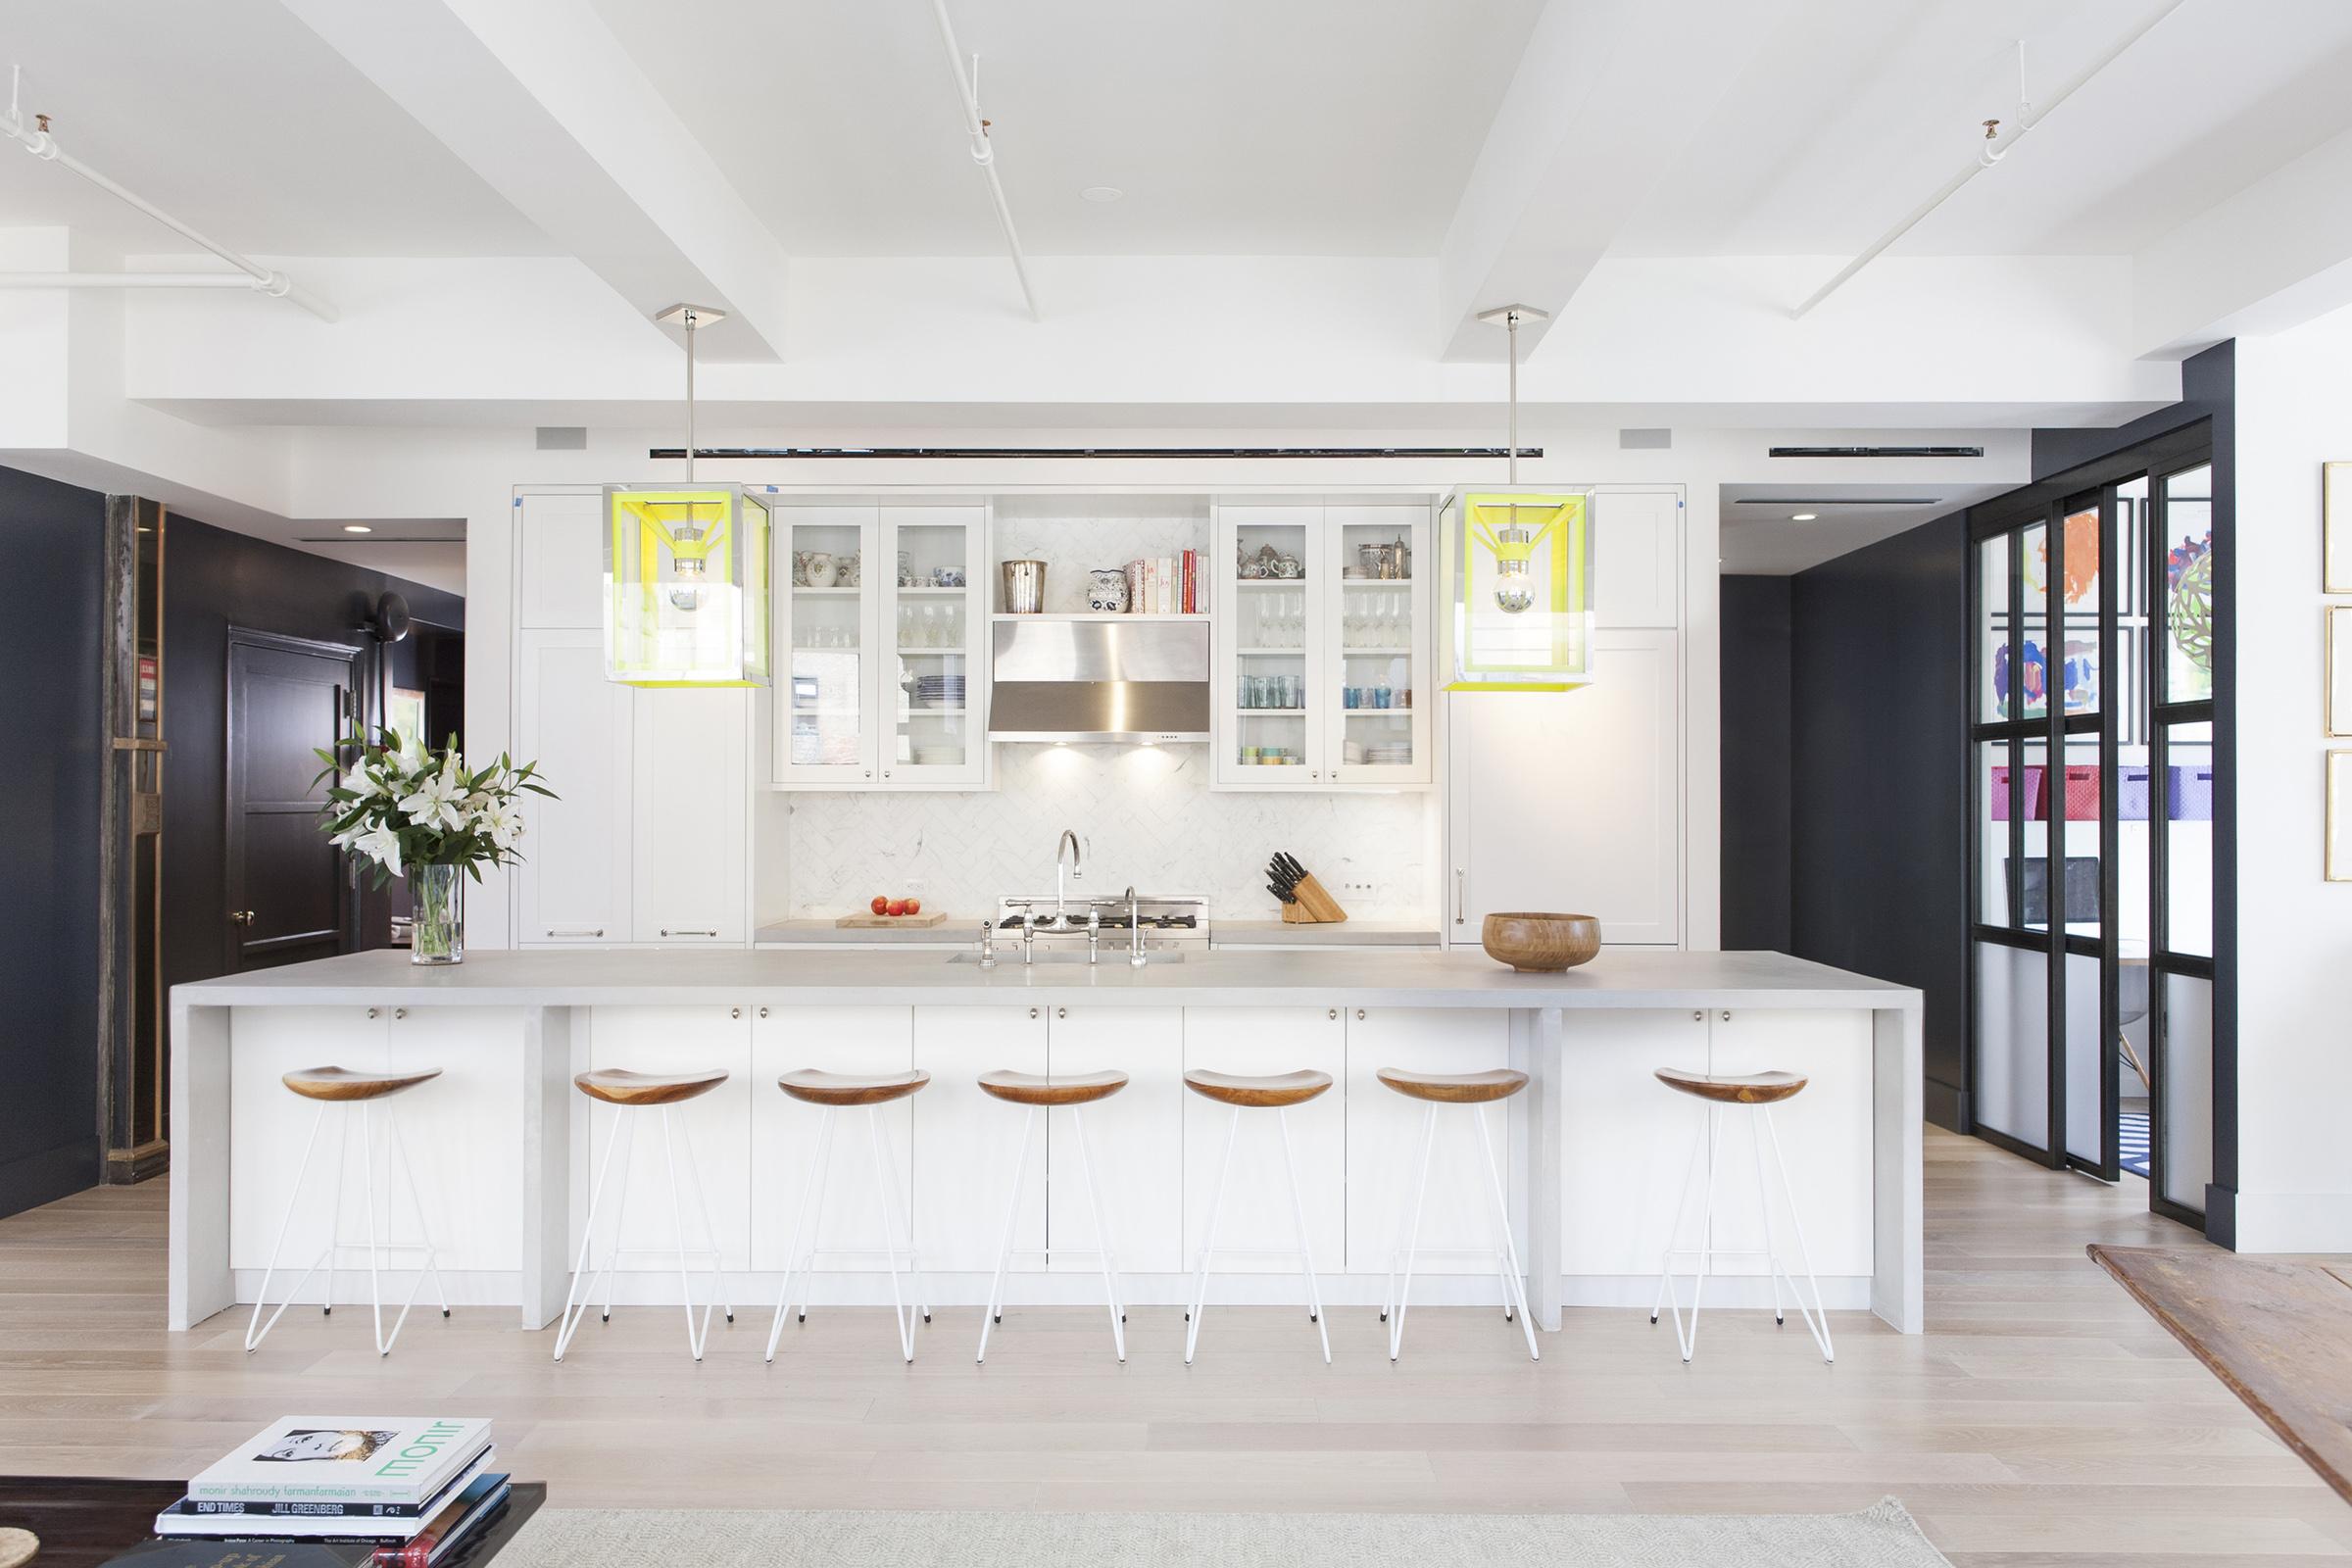 29th street kitchen.jpg